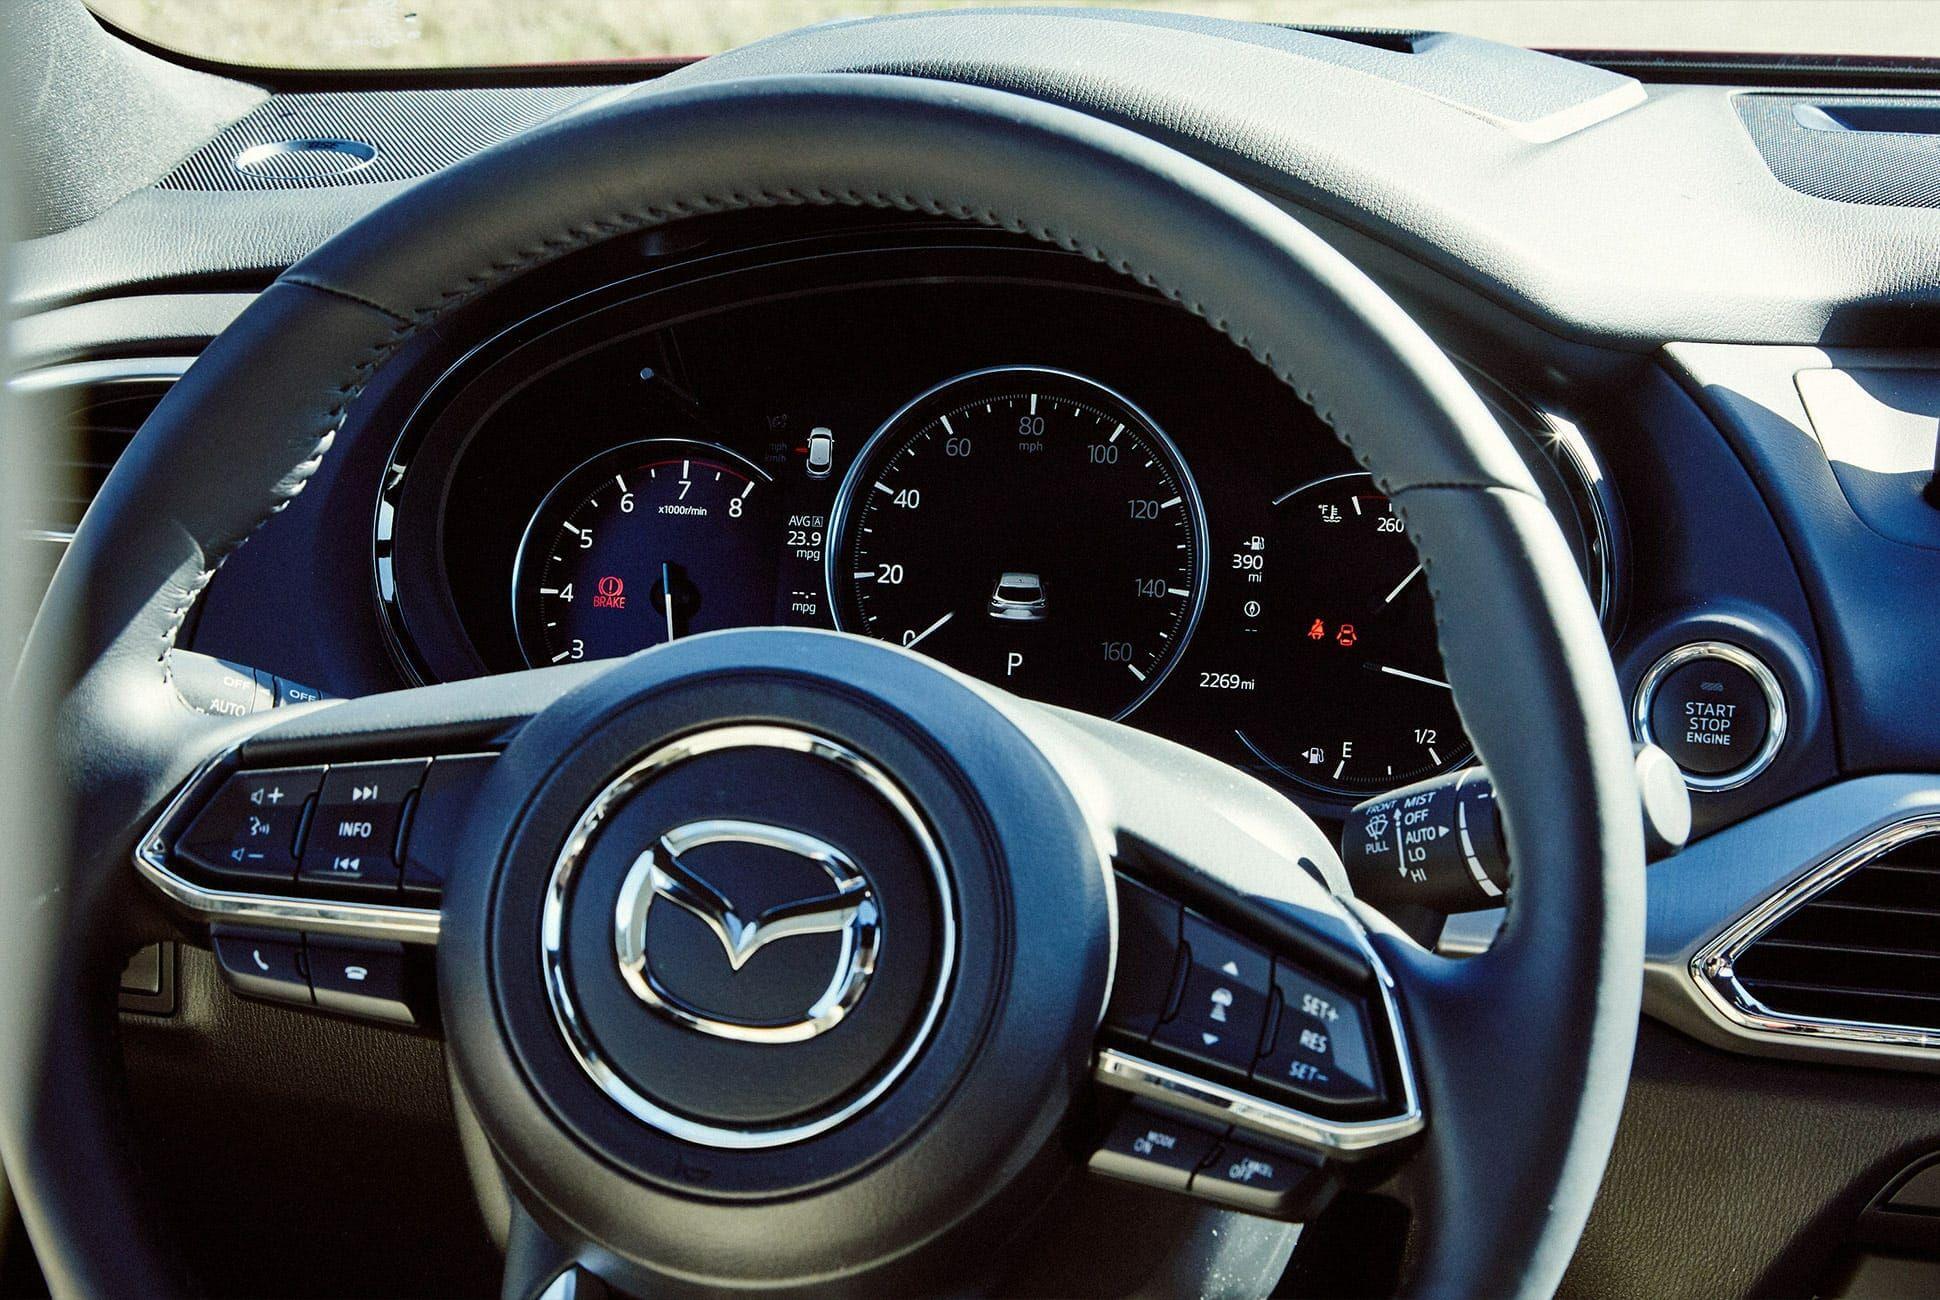 Mazda-CX9-Review-Gear-Patrol-slide-8